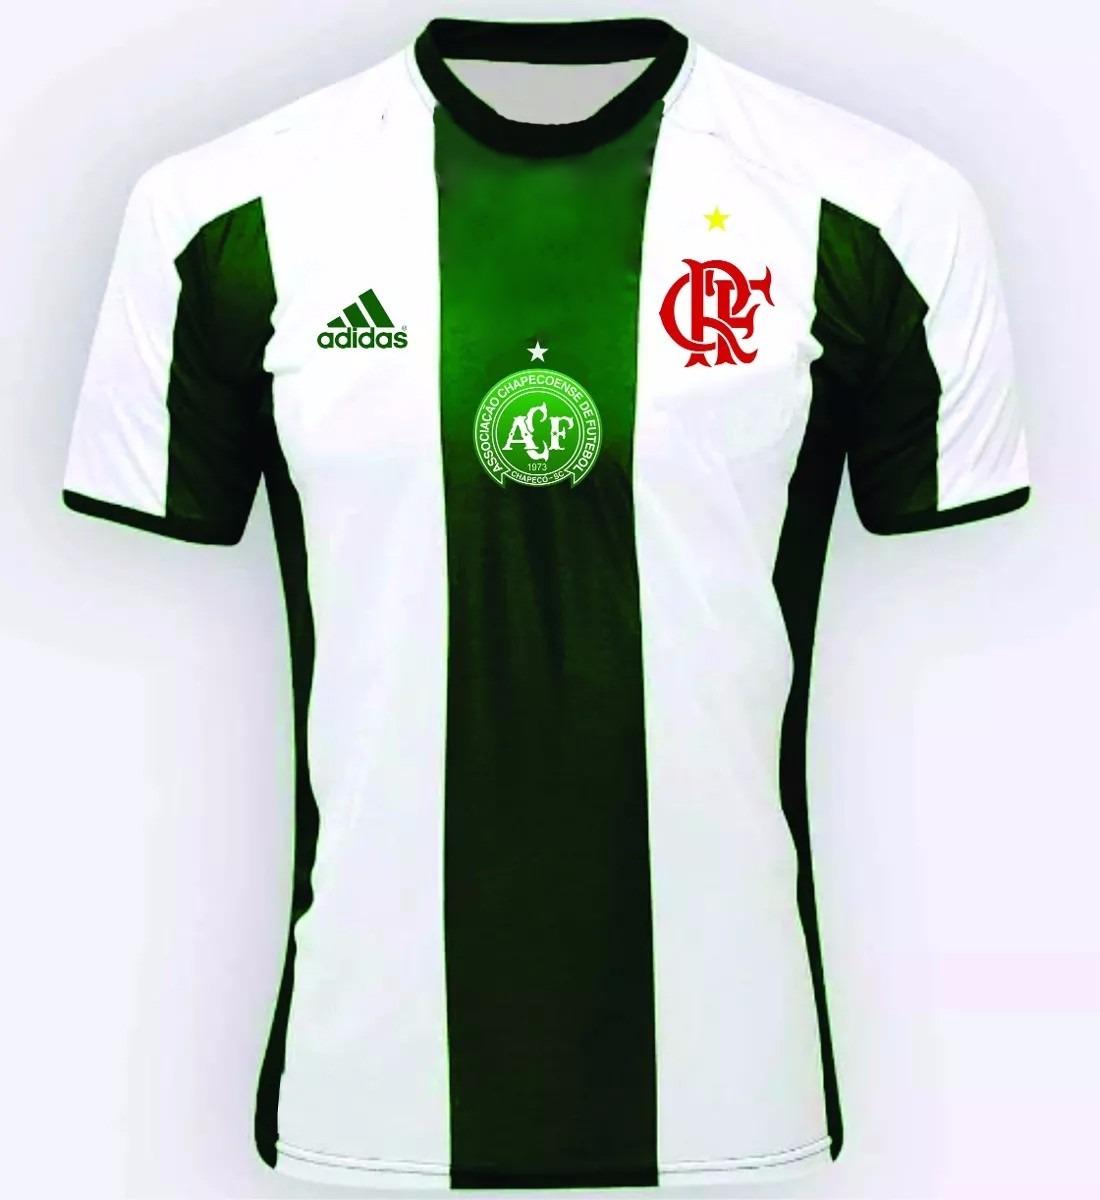 8afb68cbc camisa chapecoense   flamengo verde personalizado. Carregando zoom.